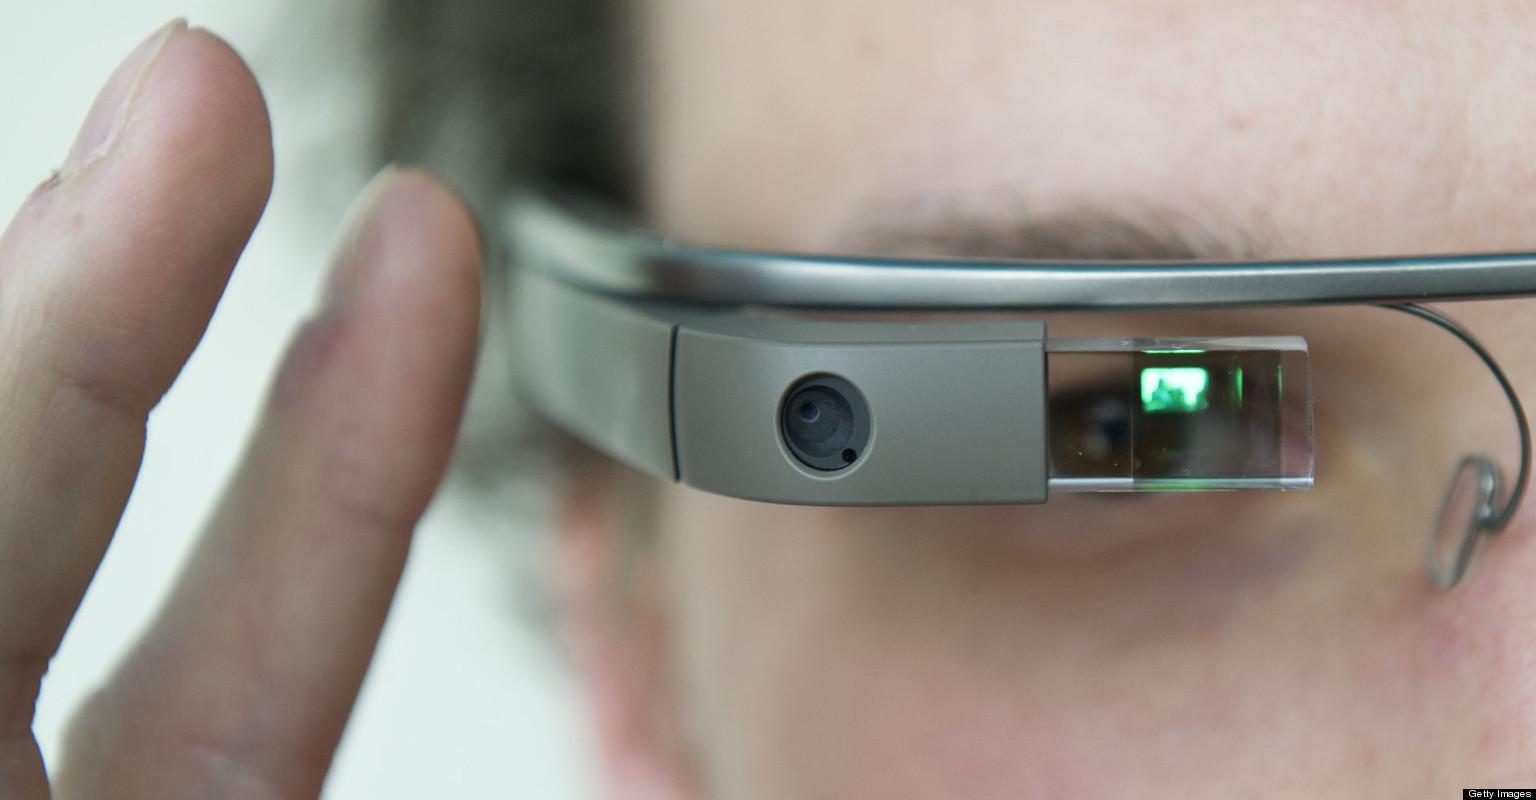 Google Glass Hard